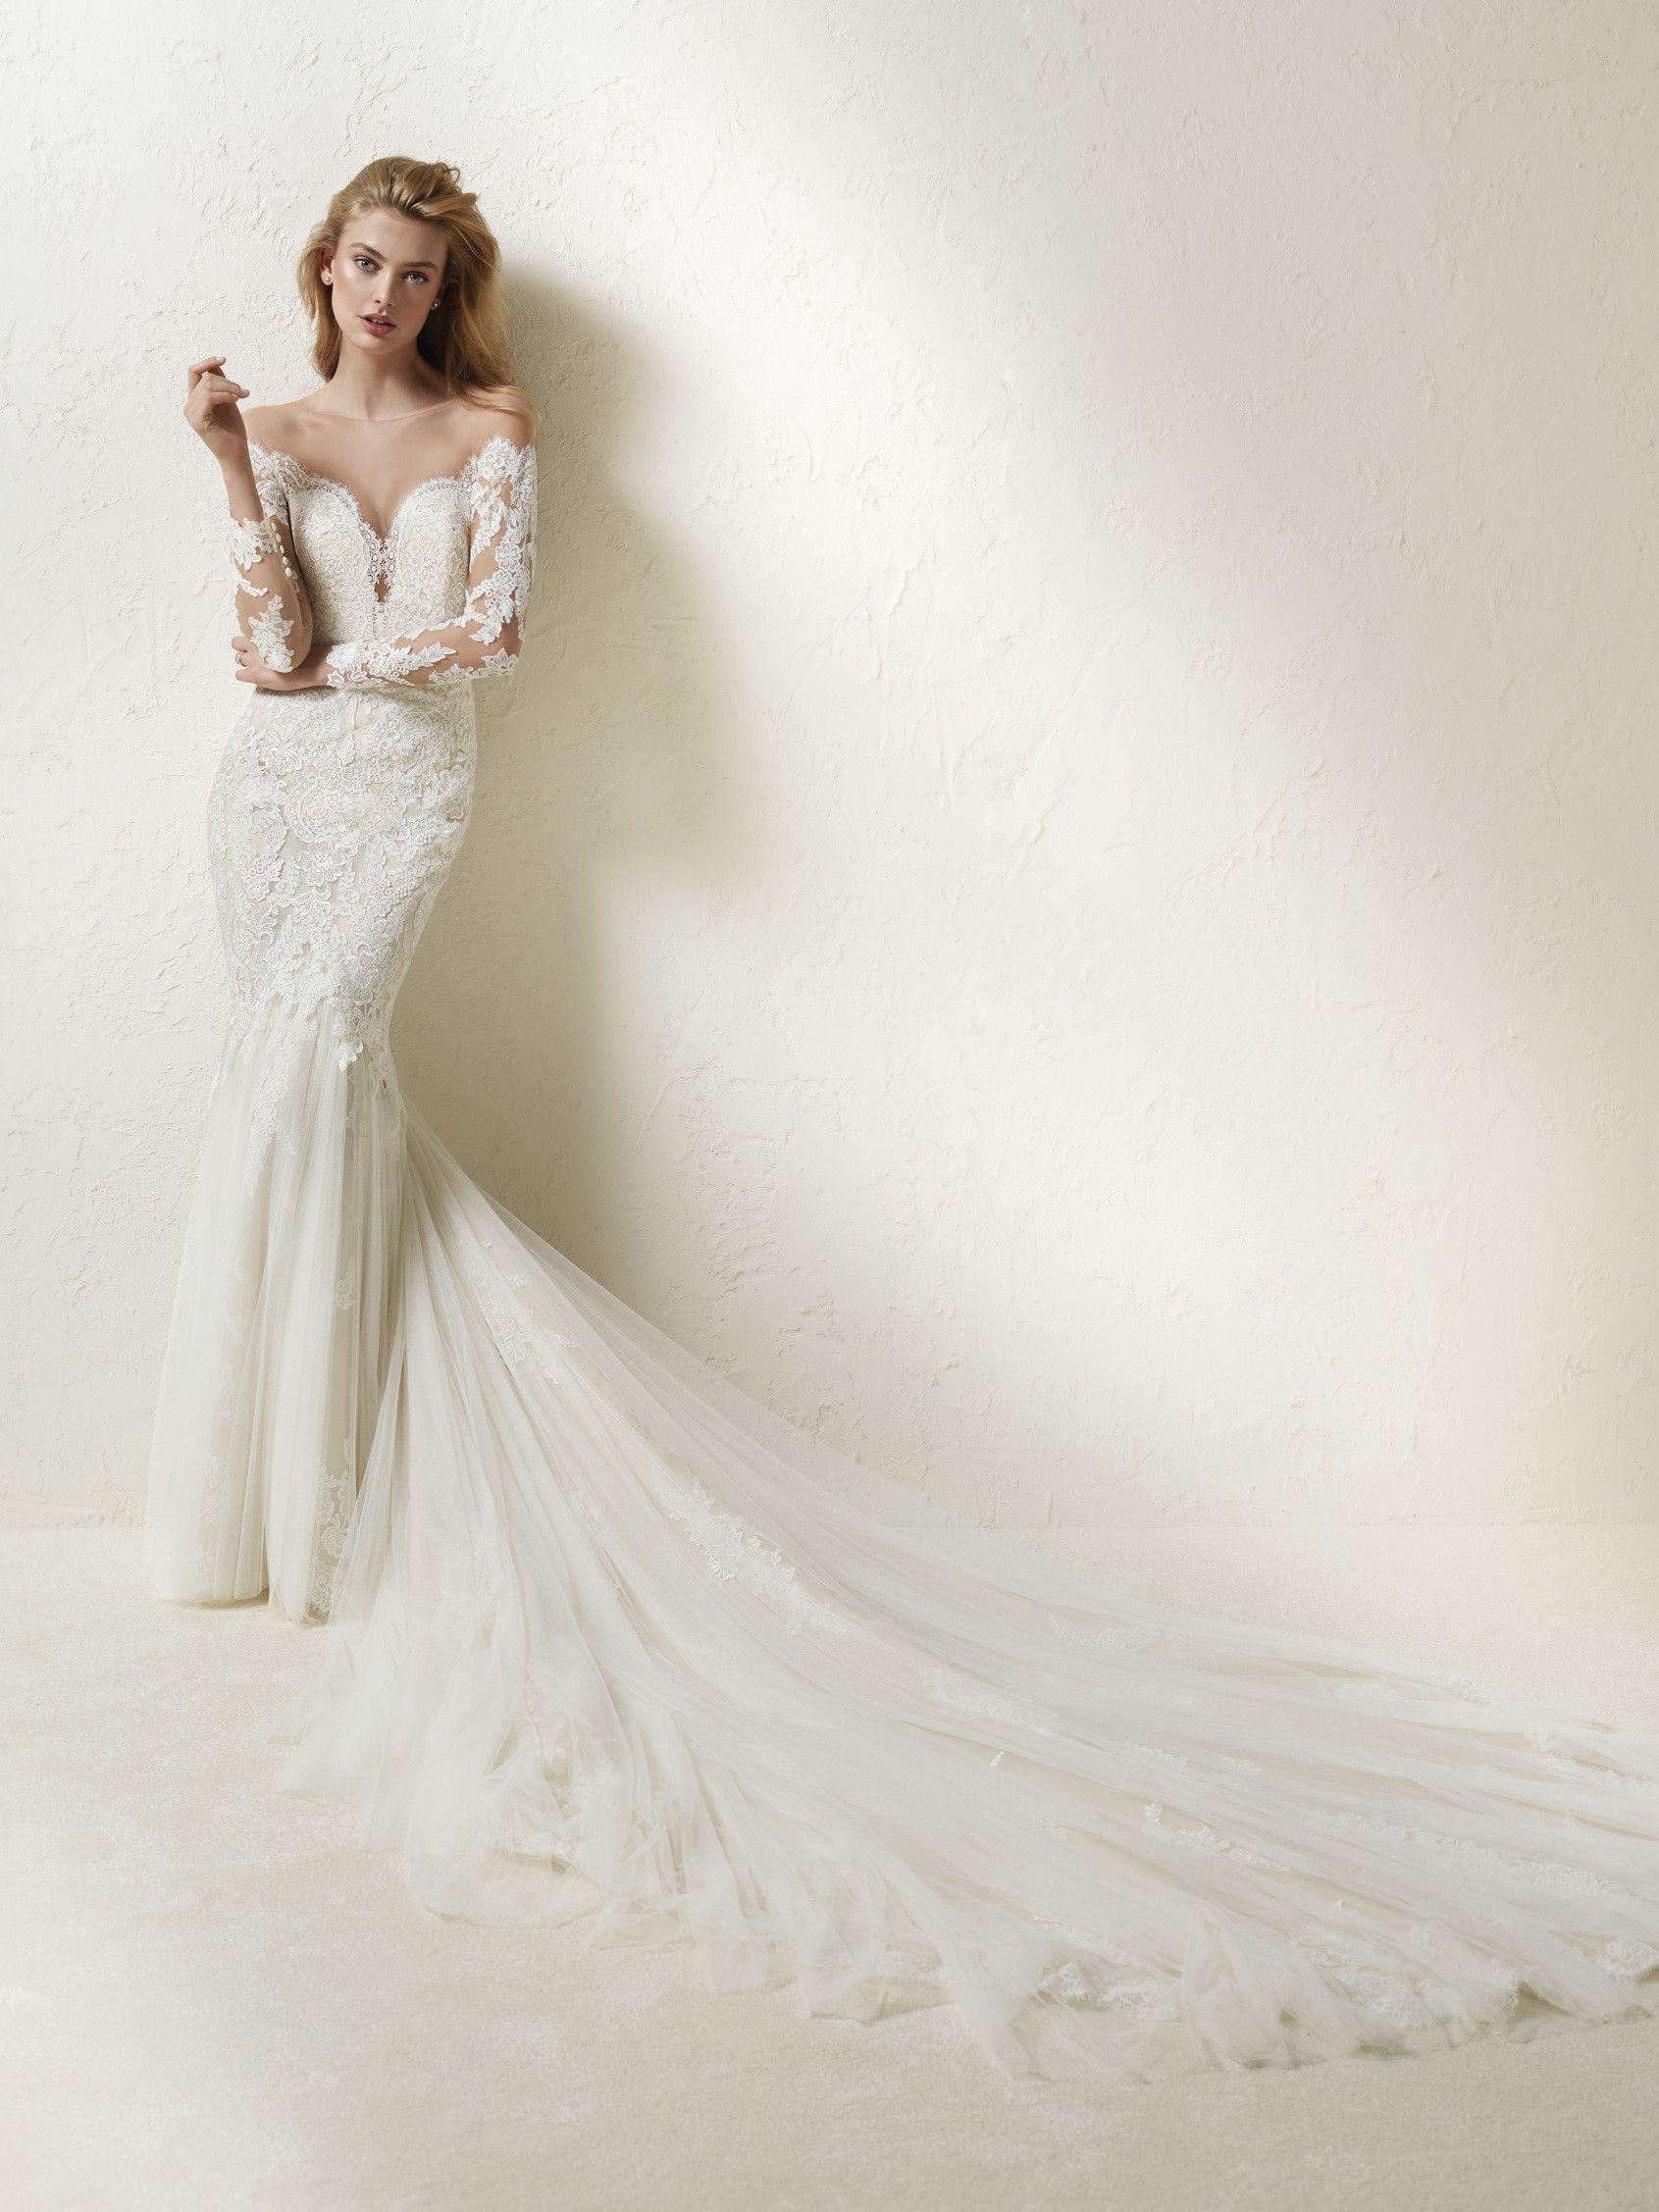 ae1d9587e Vestido de novia manga larga y cola larga - Drinea